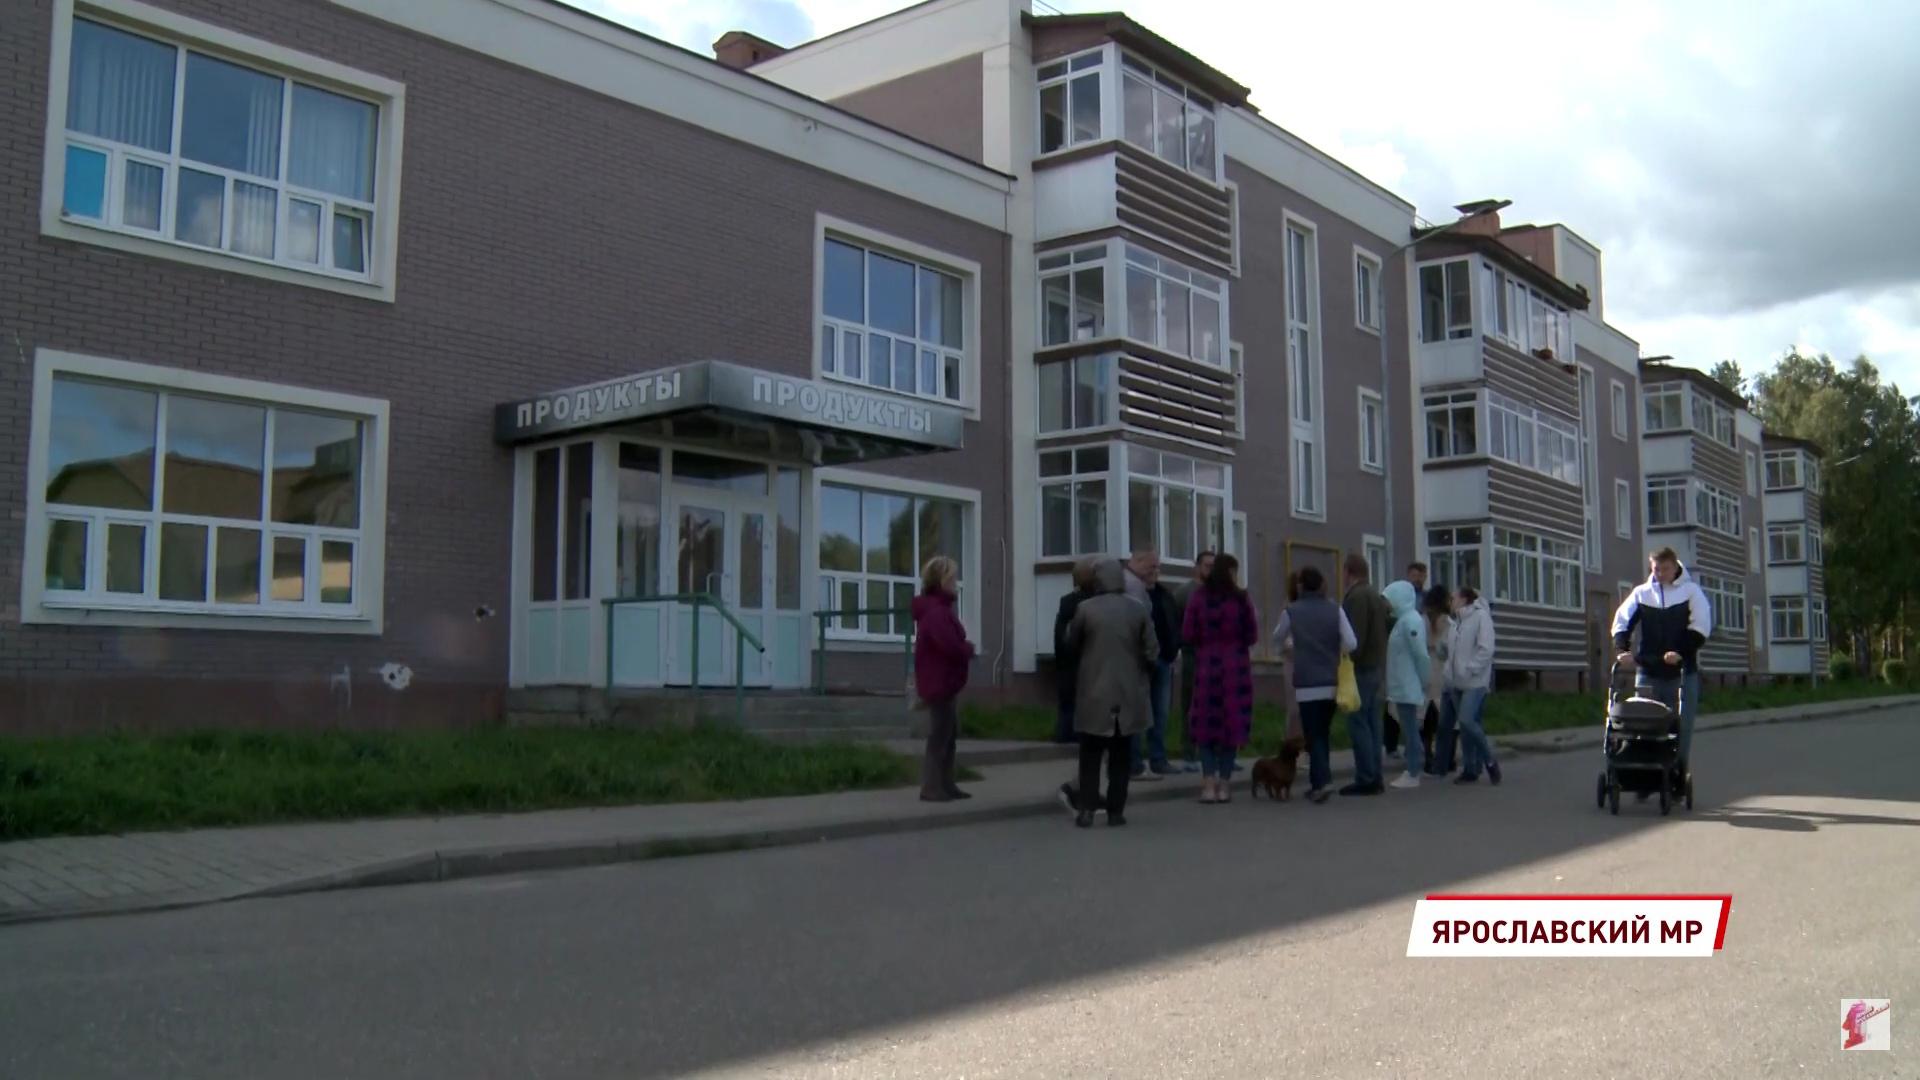 В жилом загородном комплексе под Ярославлем разместили дом престарелых